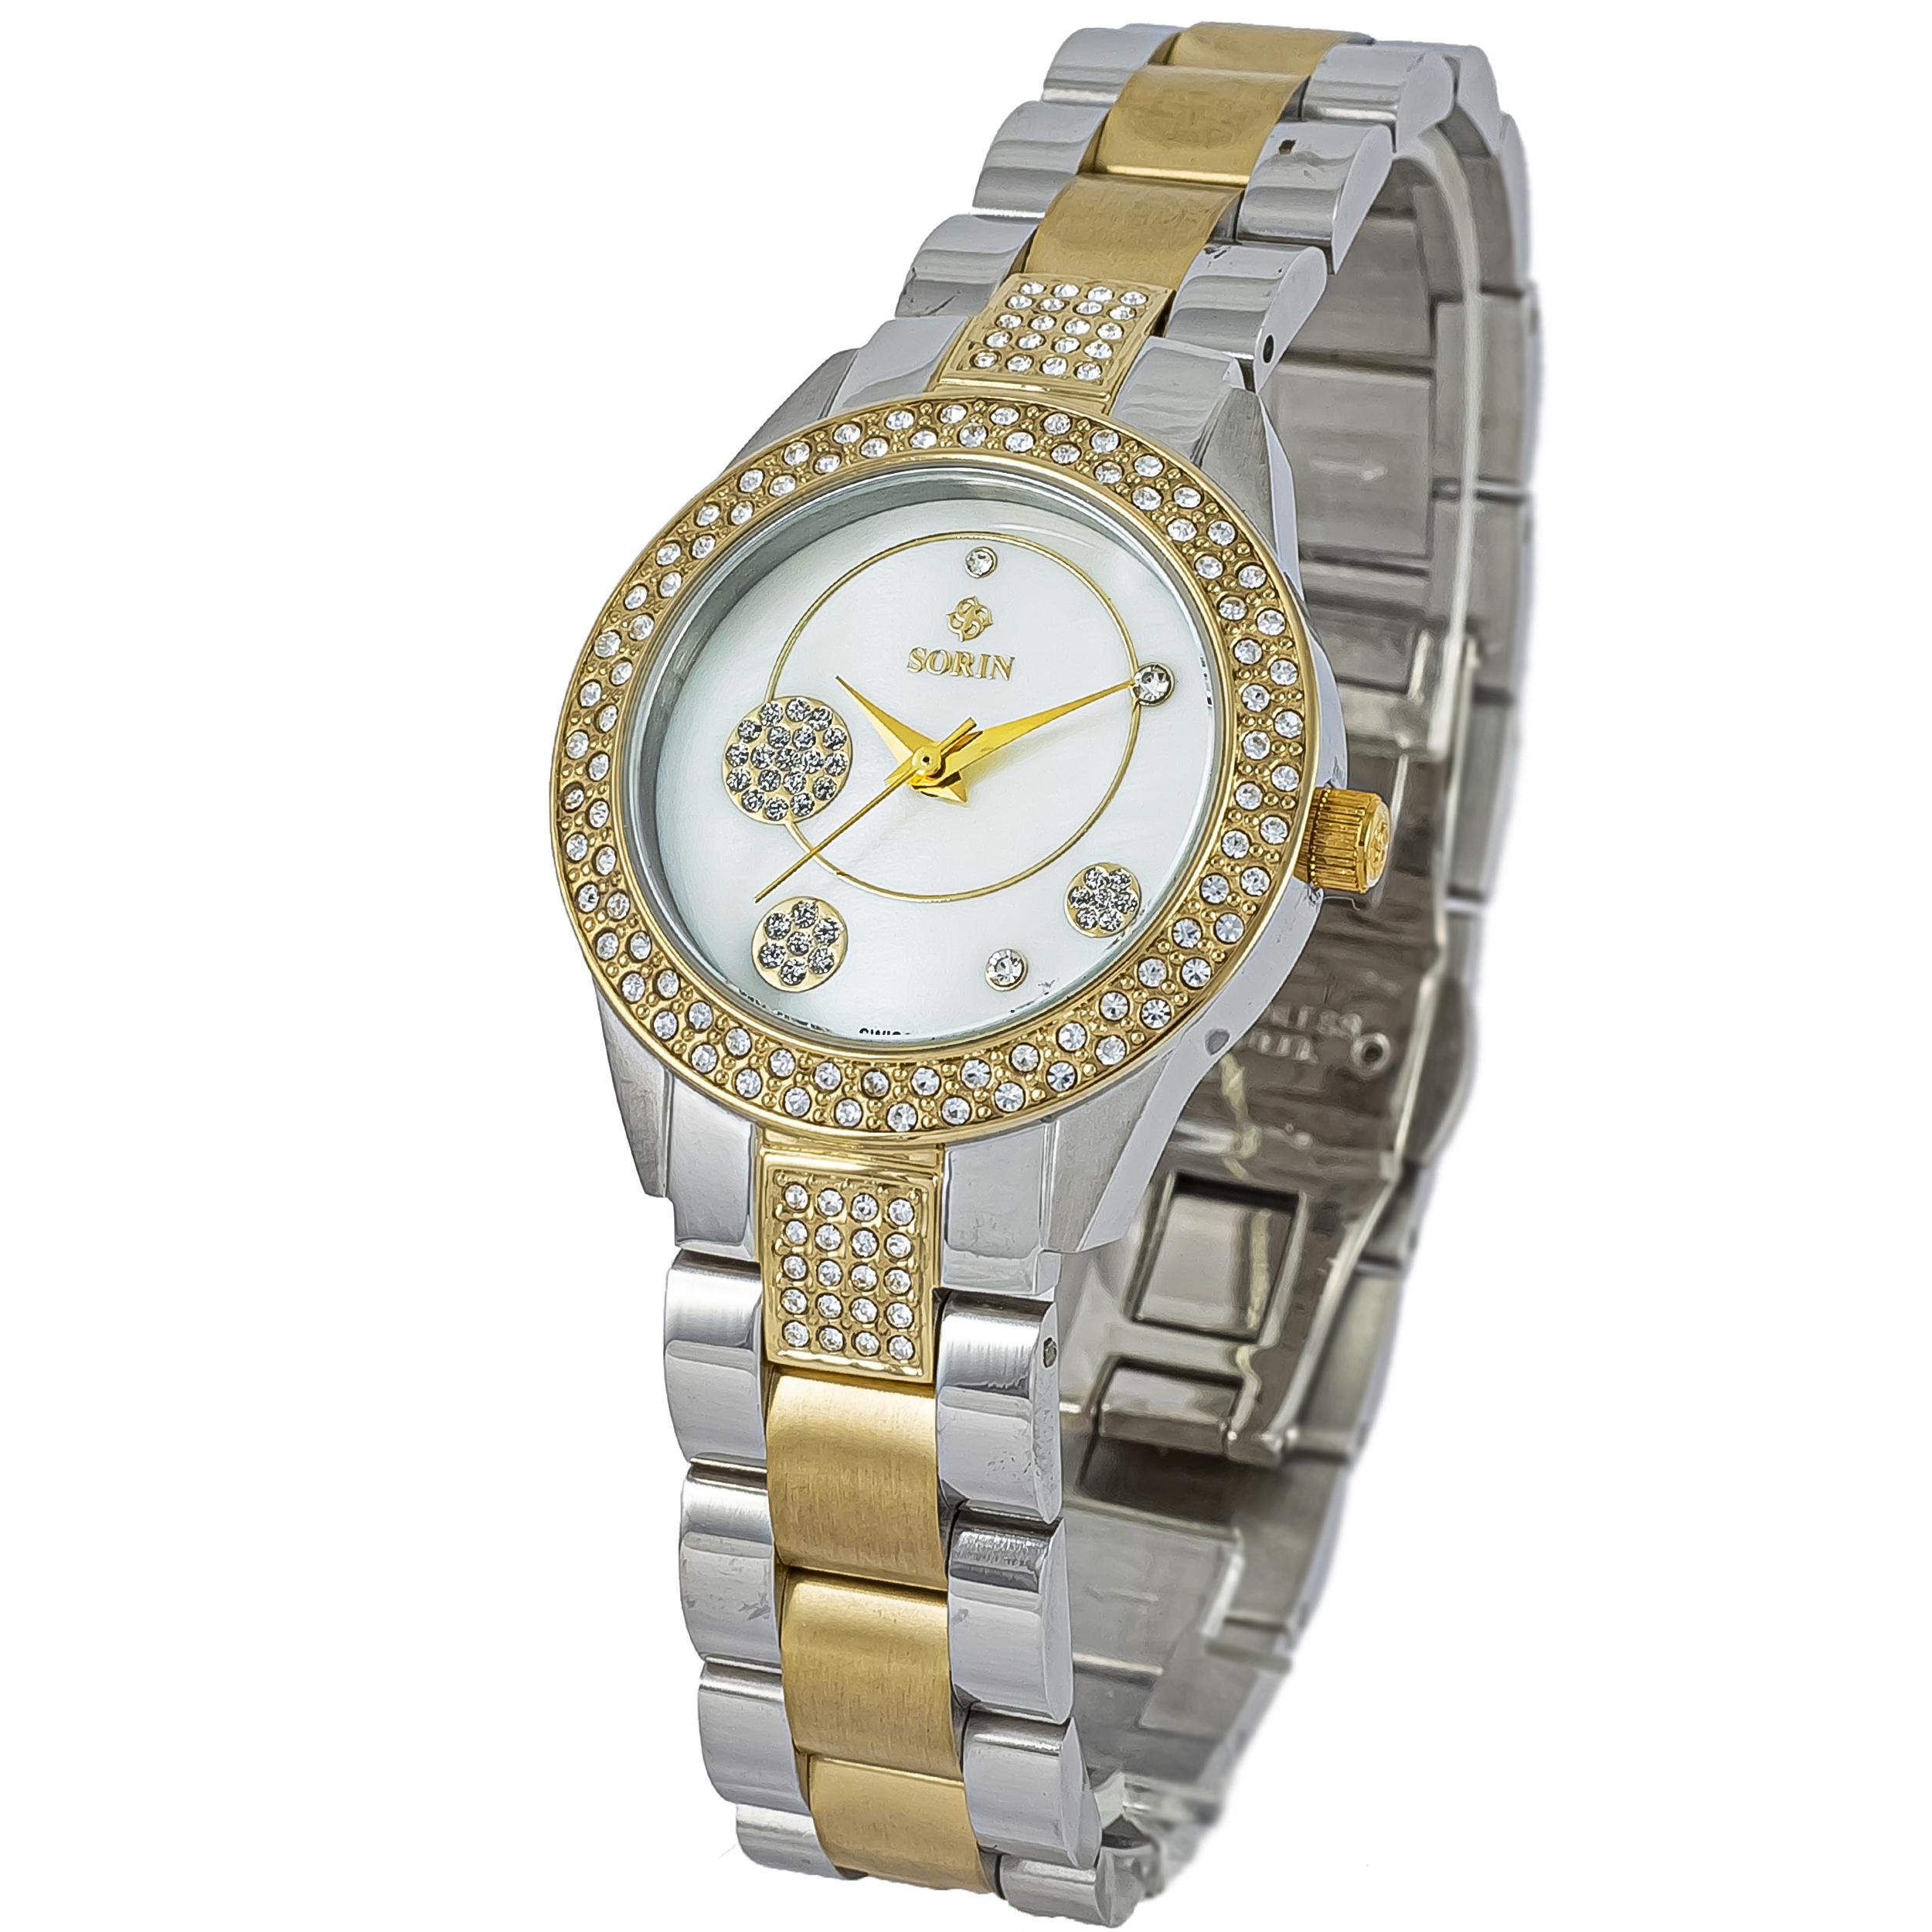 ساعت مچی عقربه ای زنانه سورین مدل SS0596L              ارزان